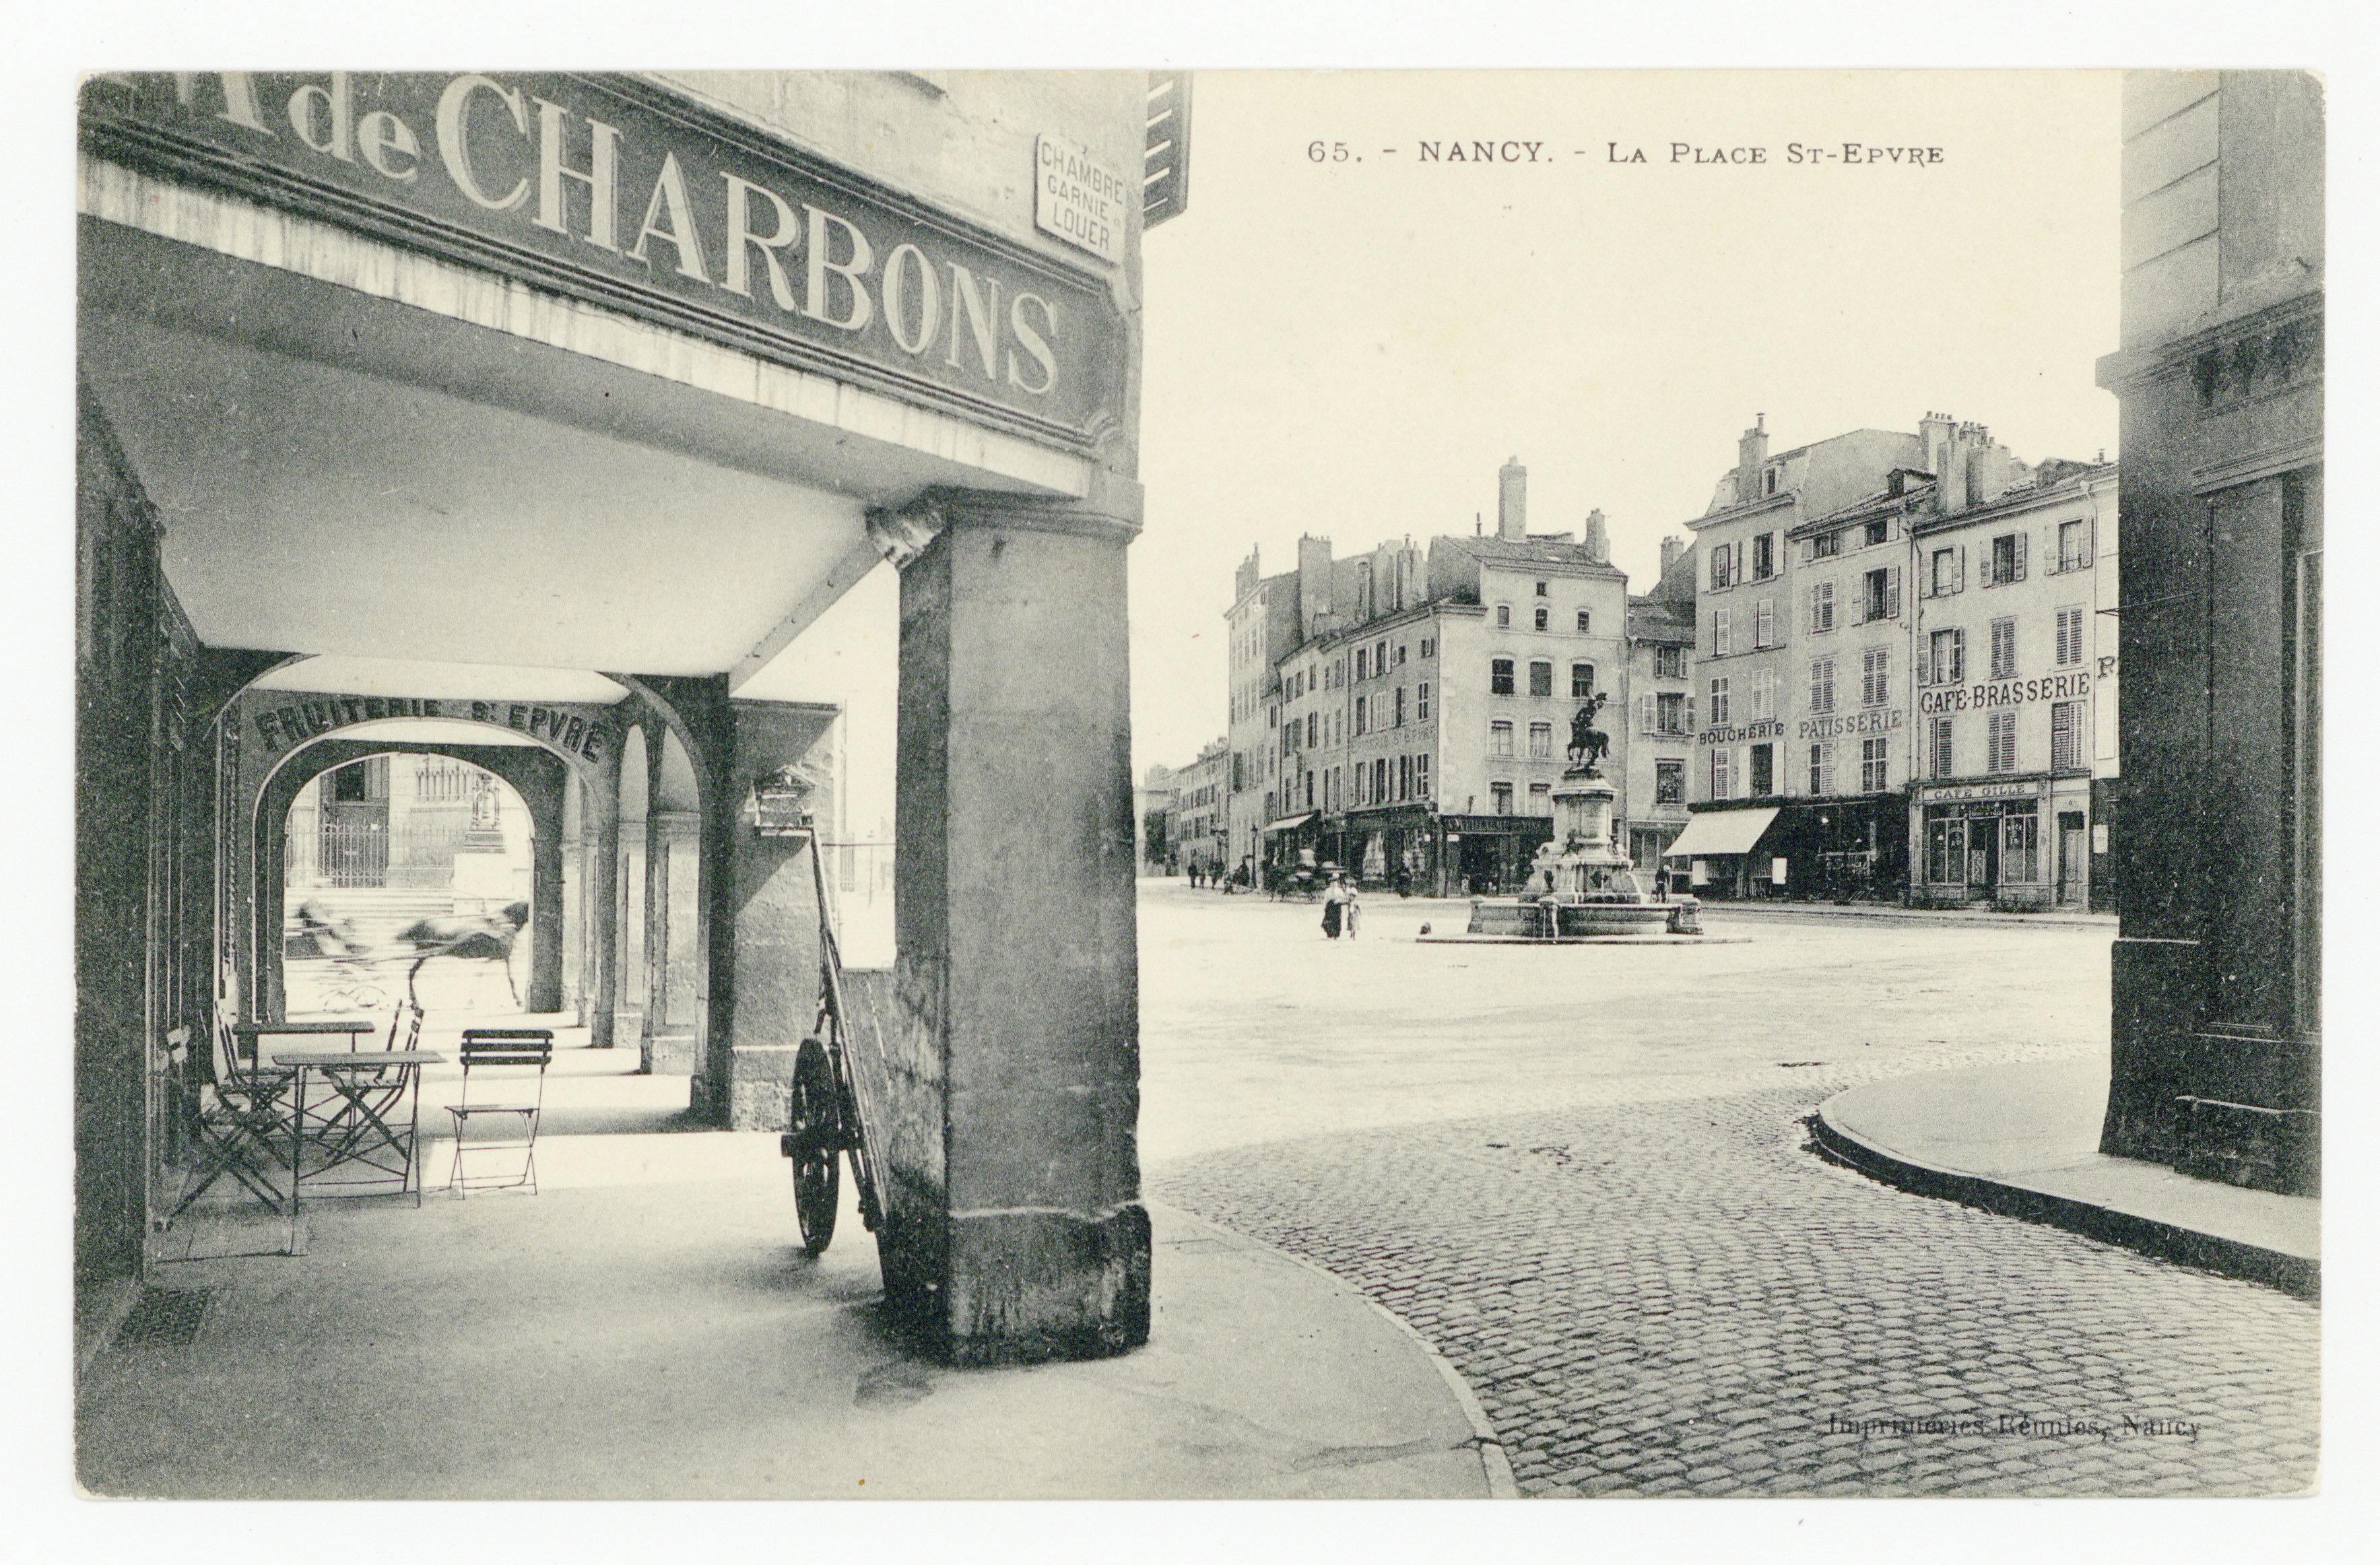 Contenu du Nancy : la place St-Epvre